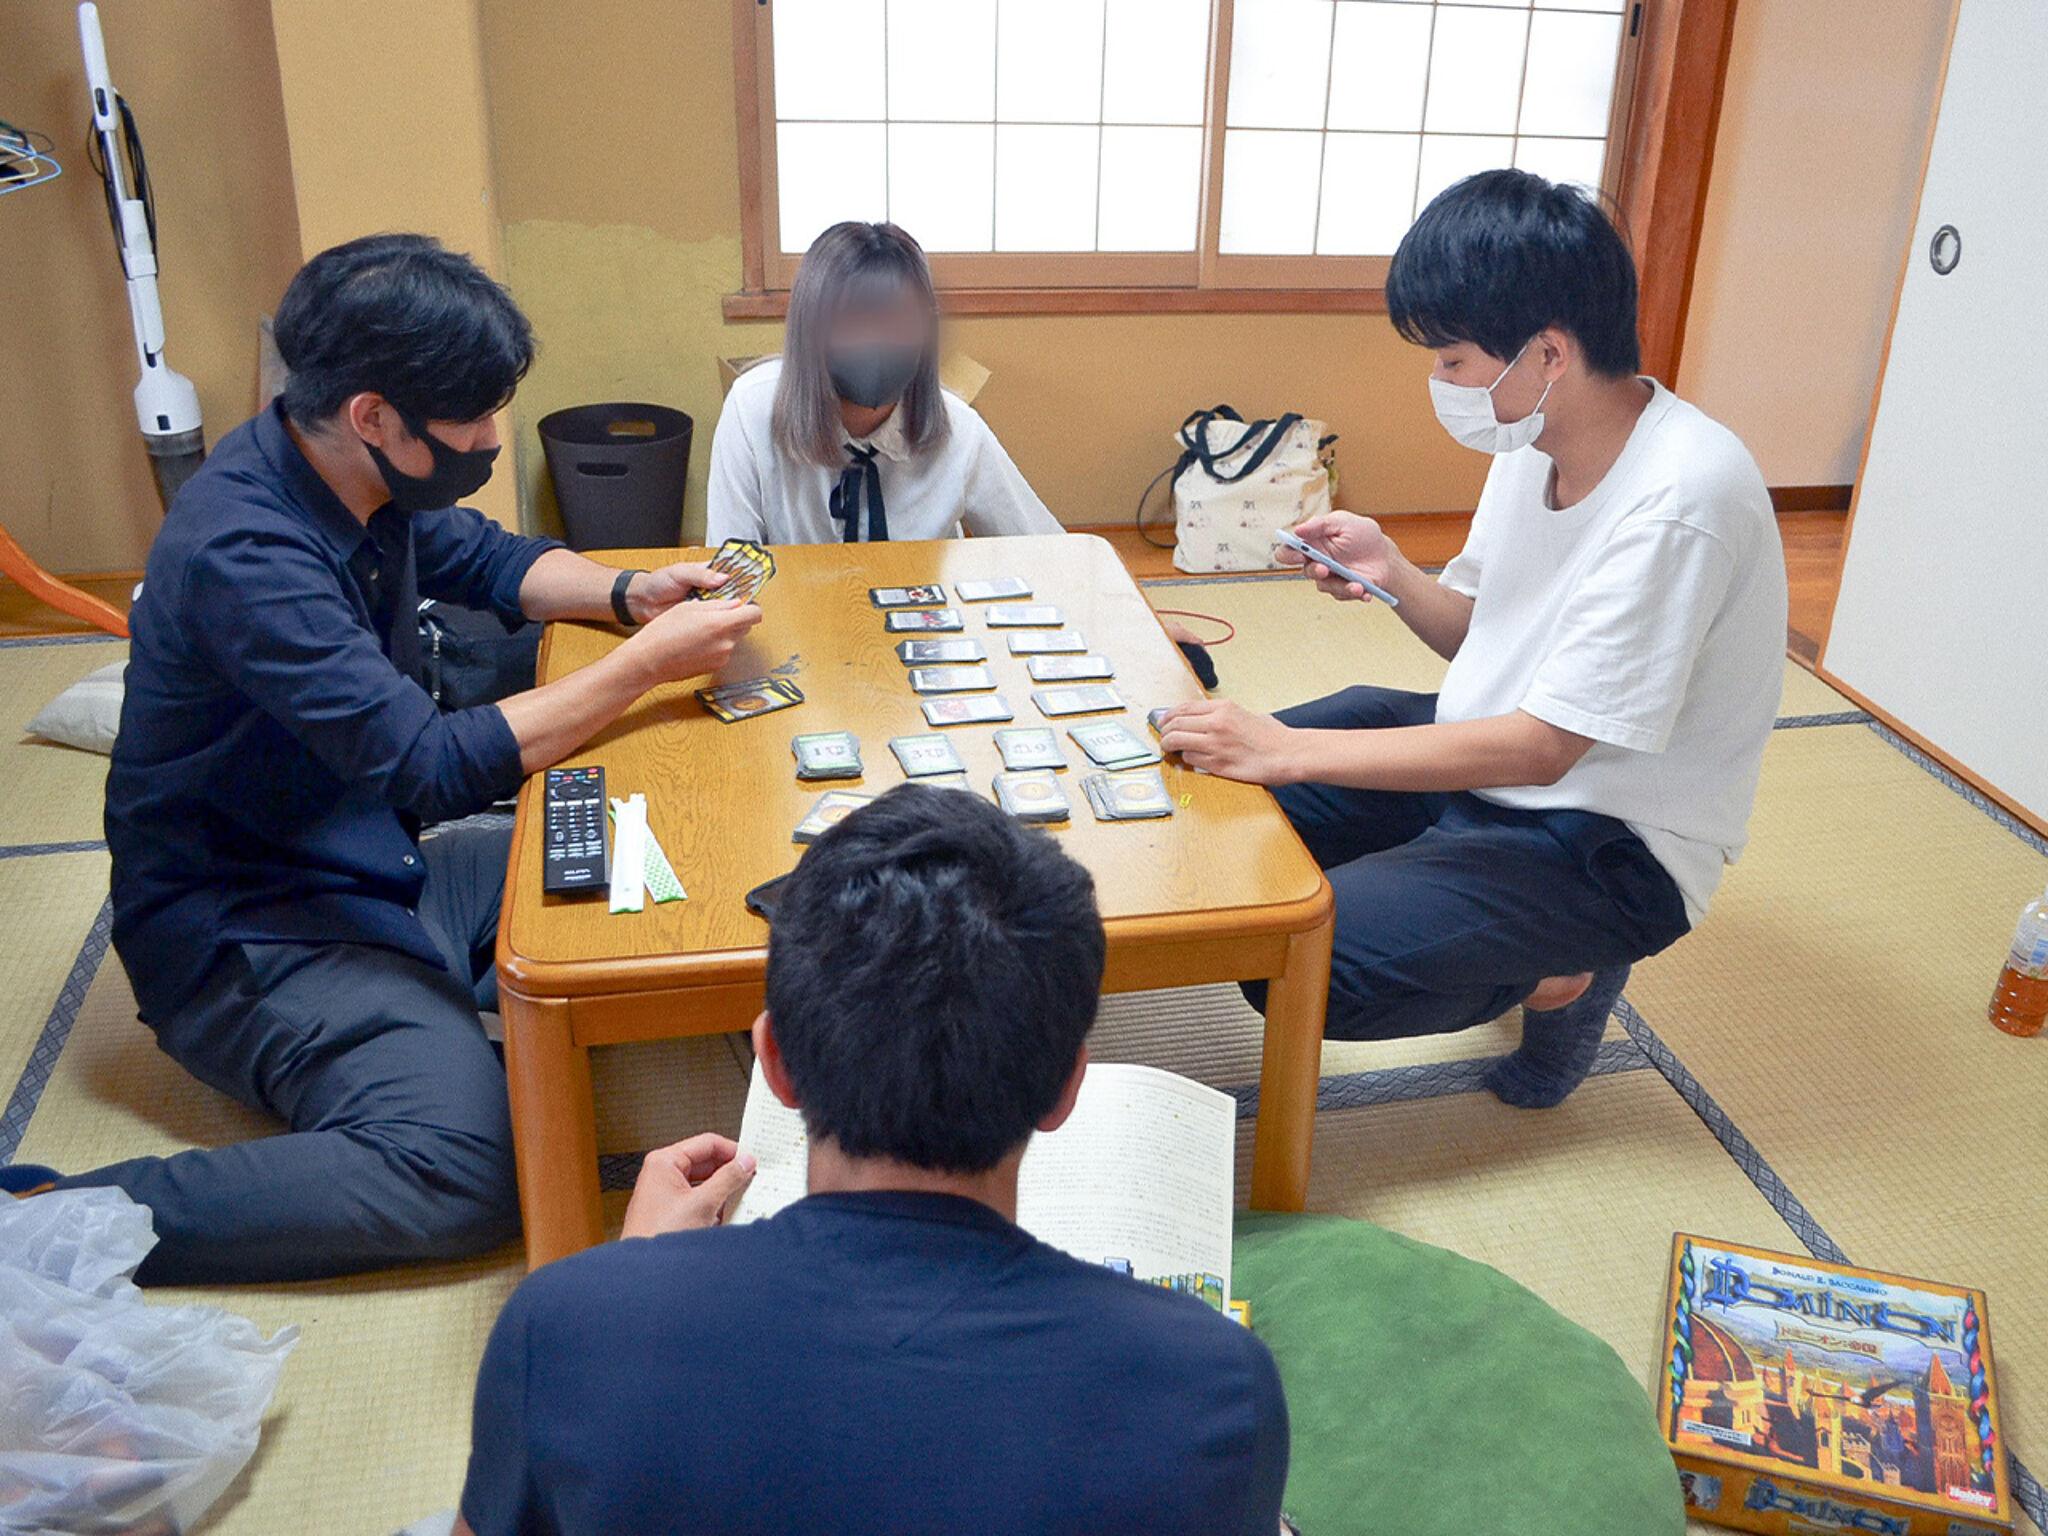 子どもたちとスタッフがカードゲームで遊んでいる画像